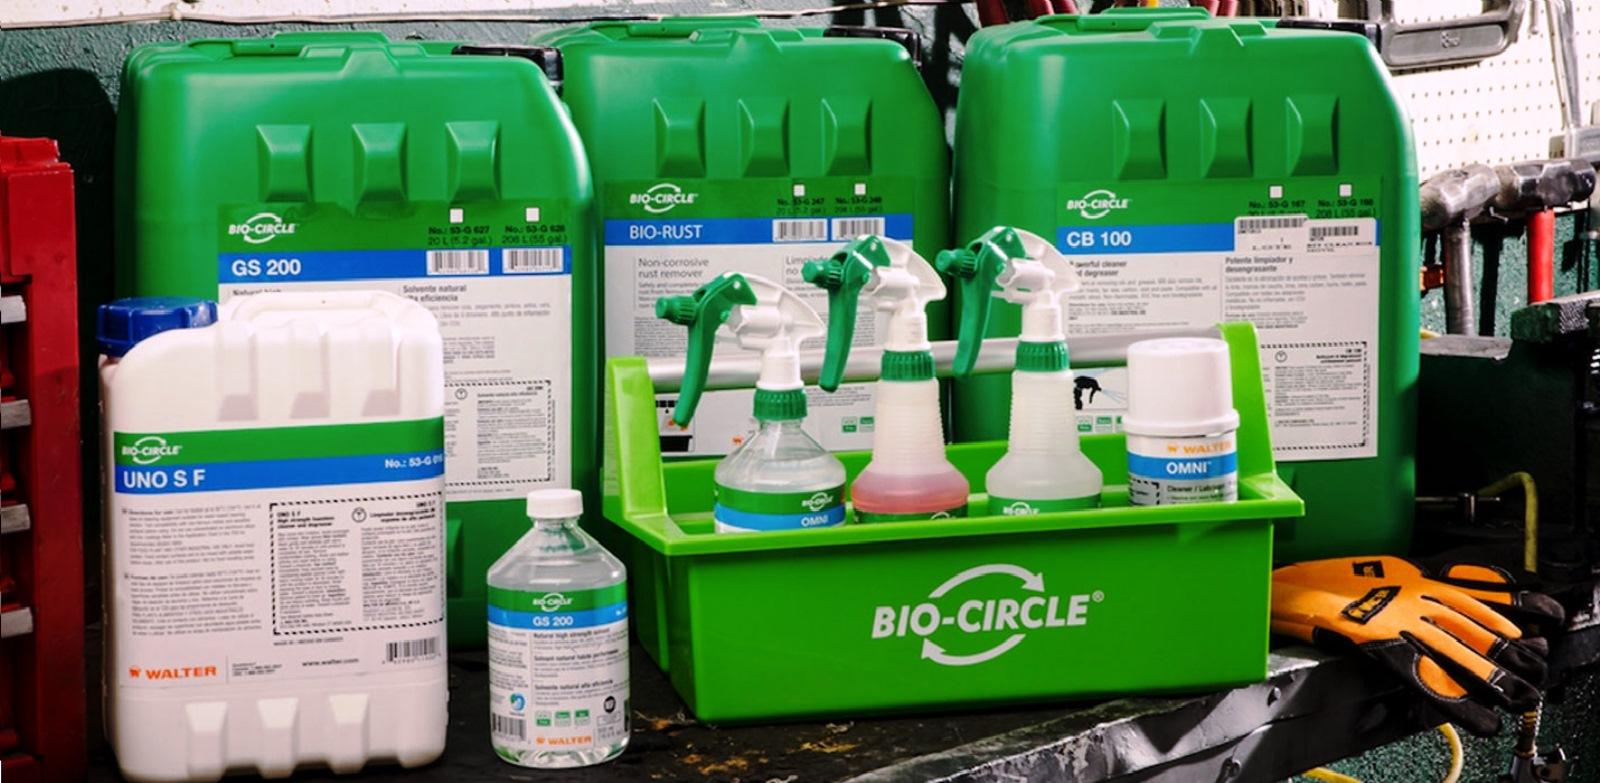 В рамках этого материала поговорим о такой теме, как средства обработки и очистки поверхностей от Bio-Circle. История, продукция, преимущества, видео.